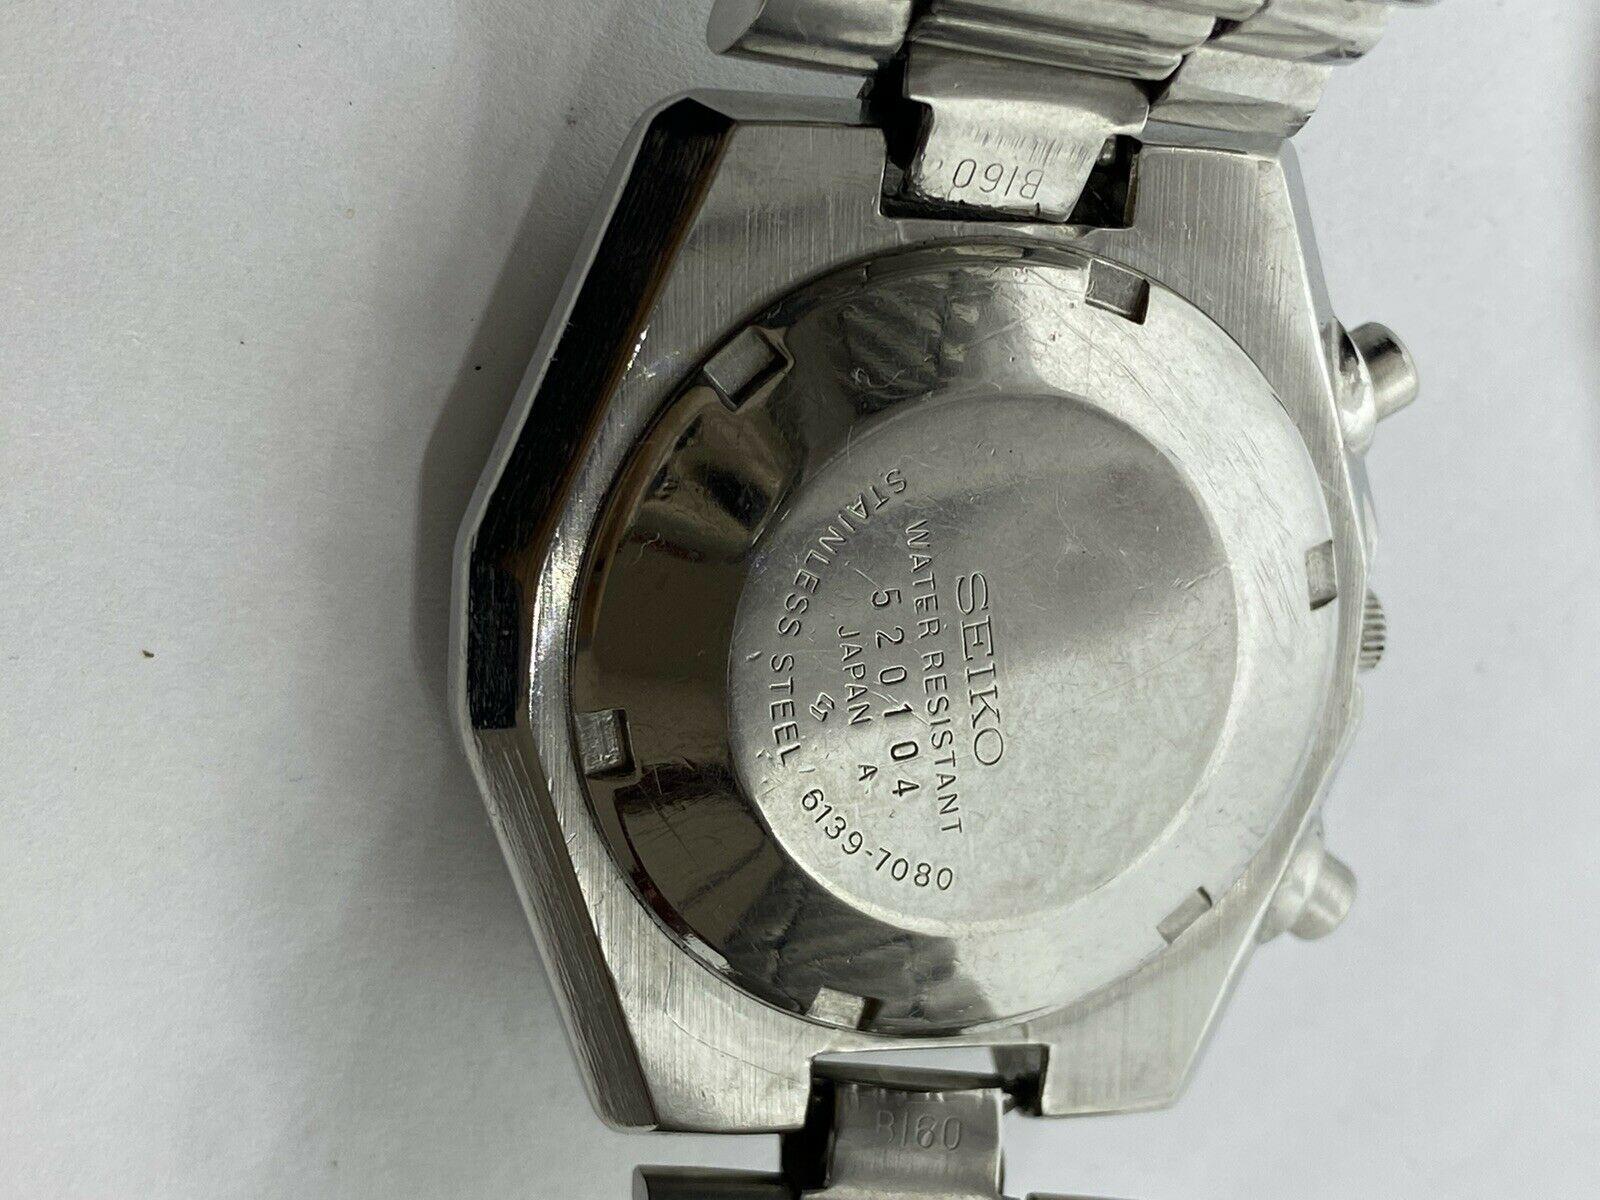 Vintage Seiko Octagon Automatic Chronograph 6139-7080